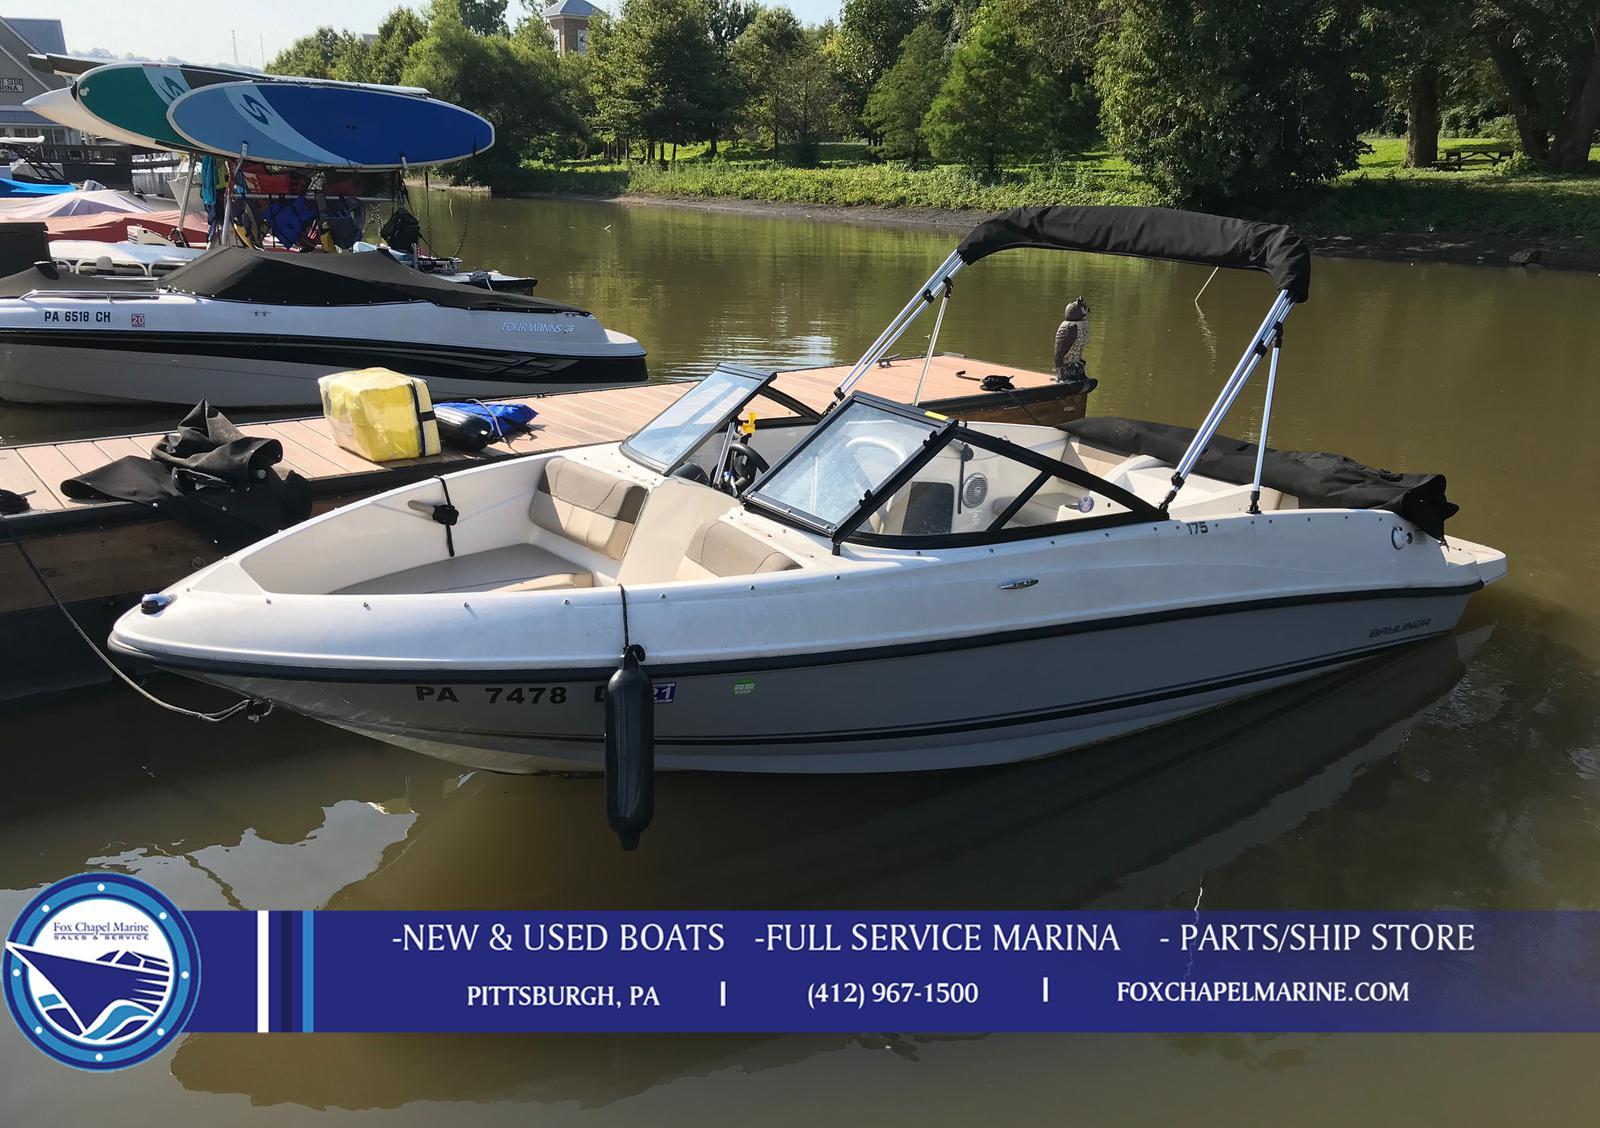 Bayliner 175 Bowrider boats for sale - Boat Trader